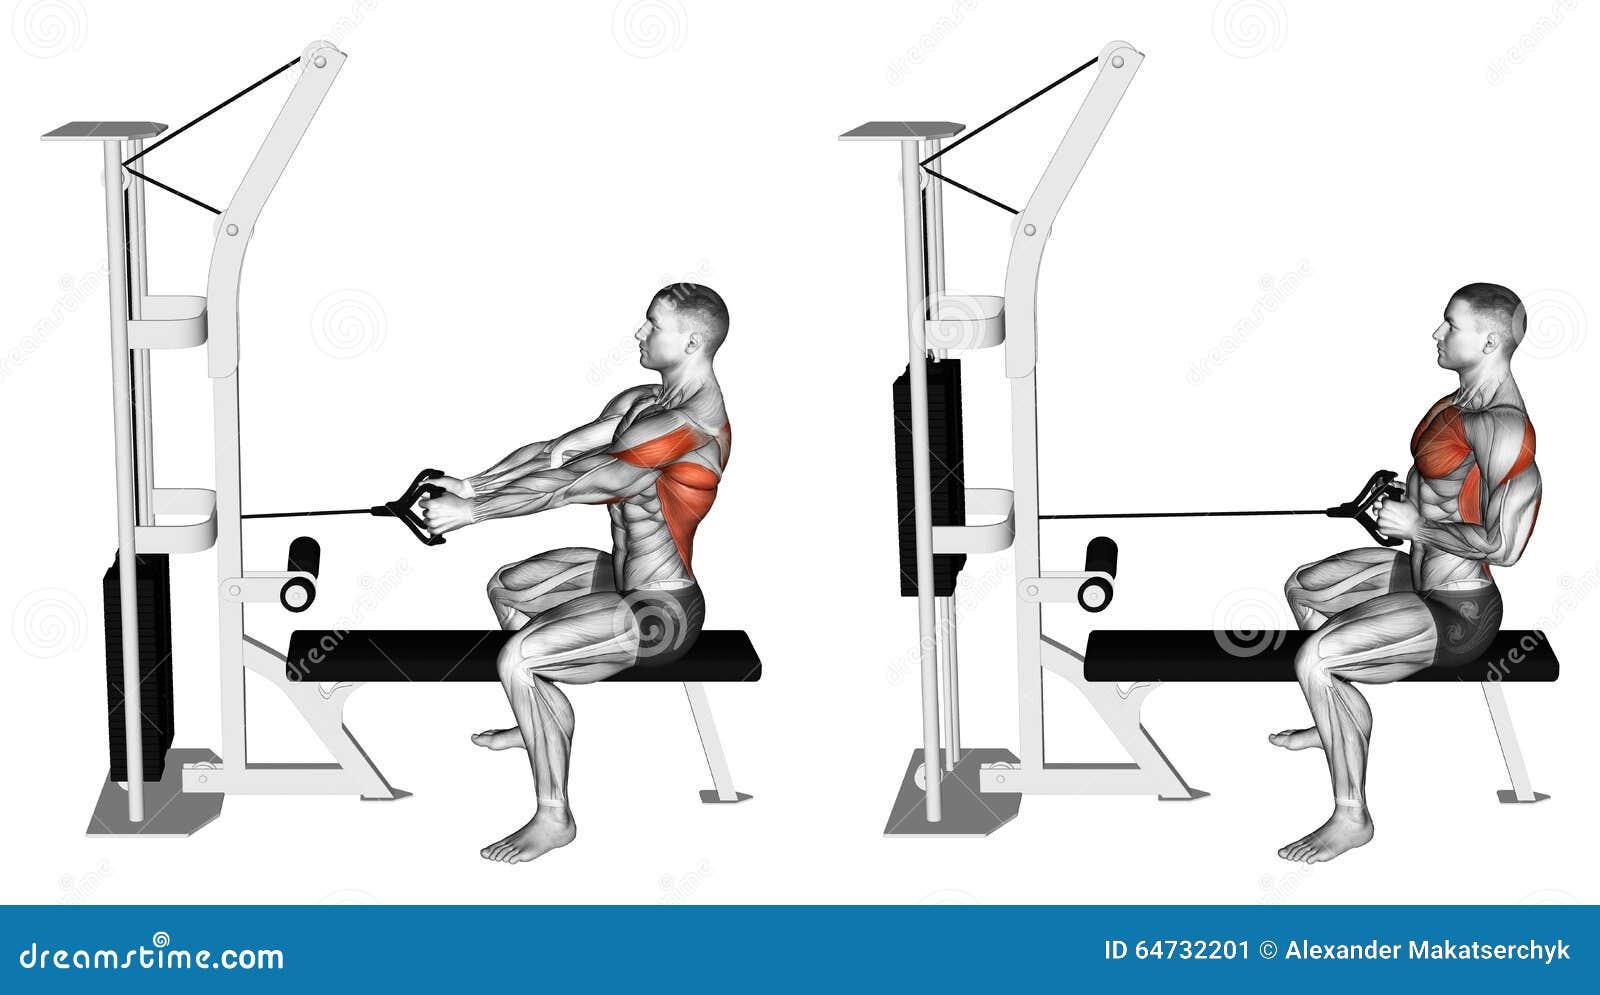 Esercitarsi Spinga il simulatore del blocco alla seduta sul banco